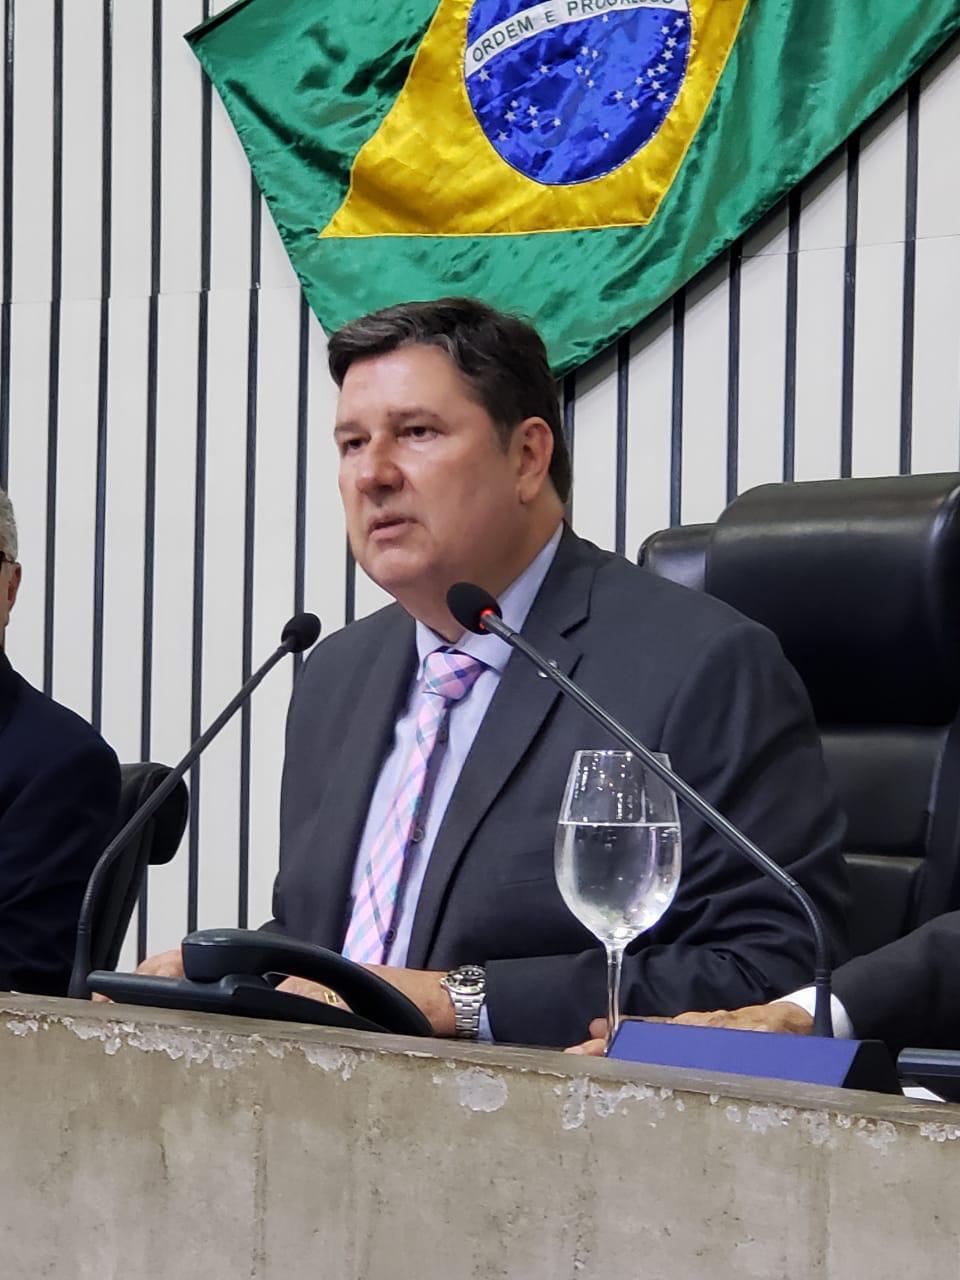 Deputado Romeu Aldigueri comemora Jericoacoara como Primeiro Distrito Turísticos do Ceará